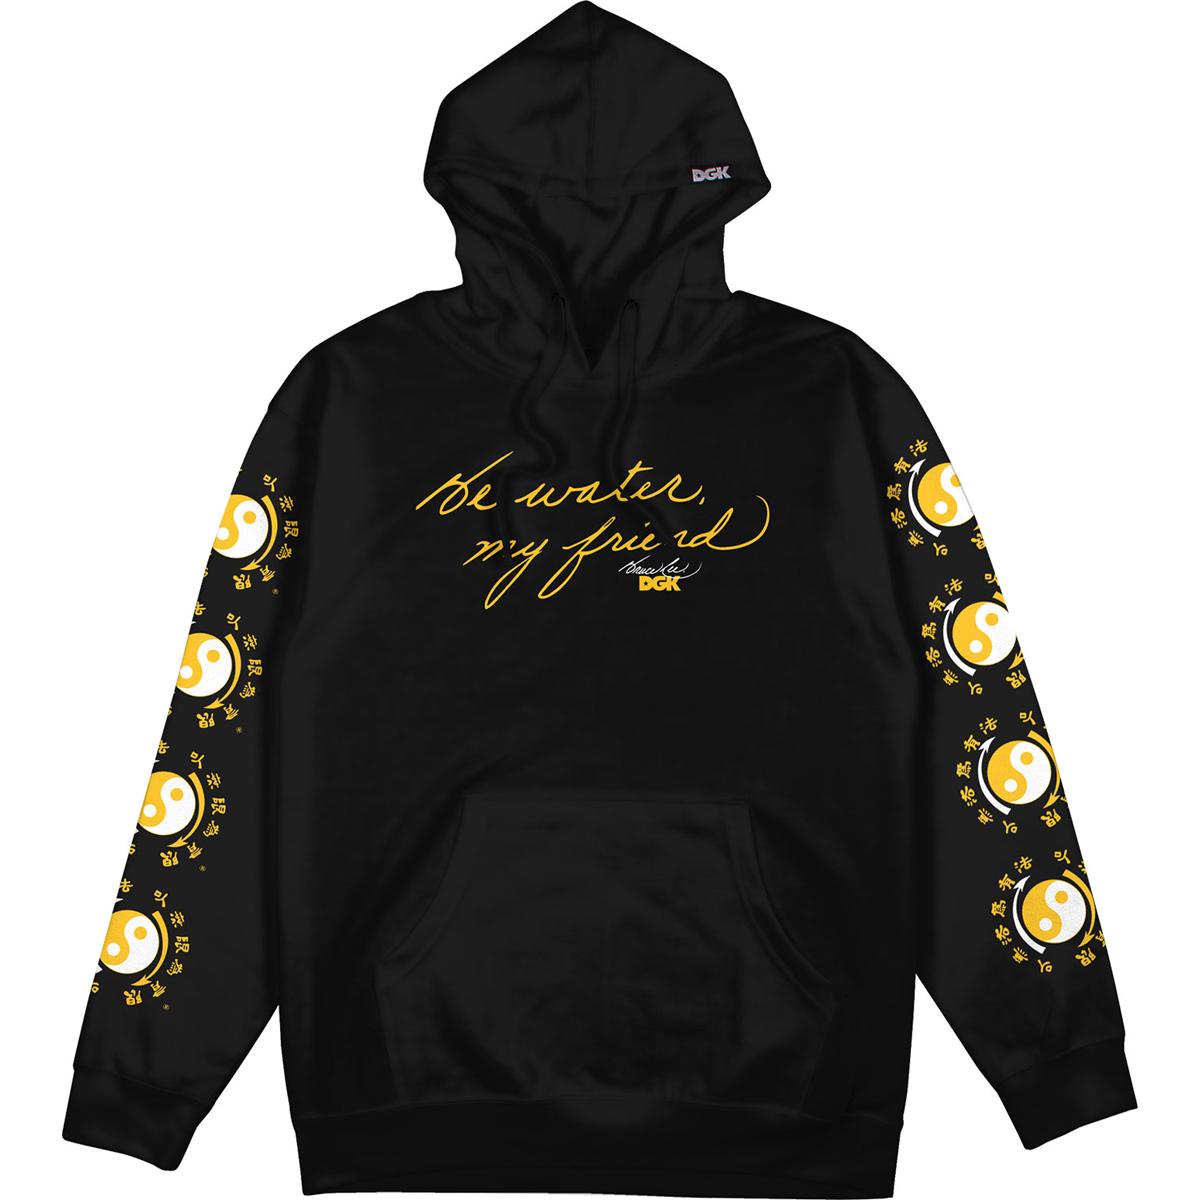 Be Water DGK Pullover Hoodie - Black